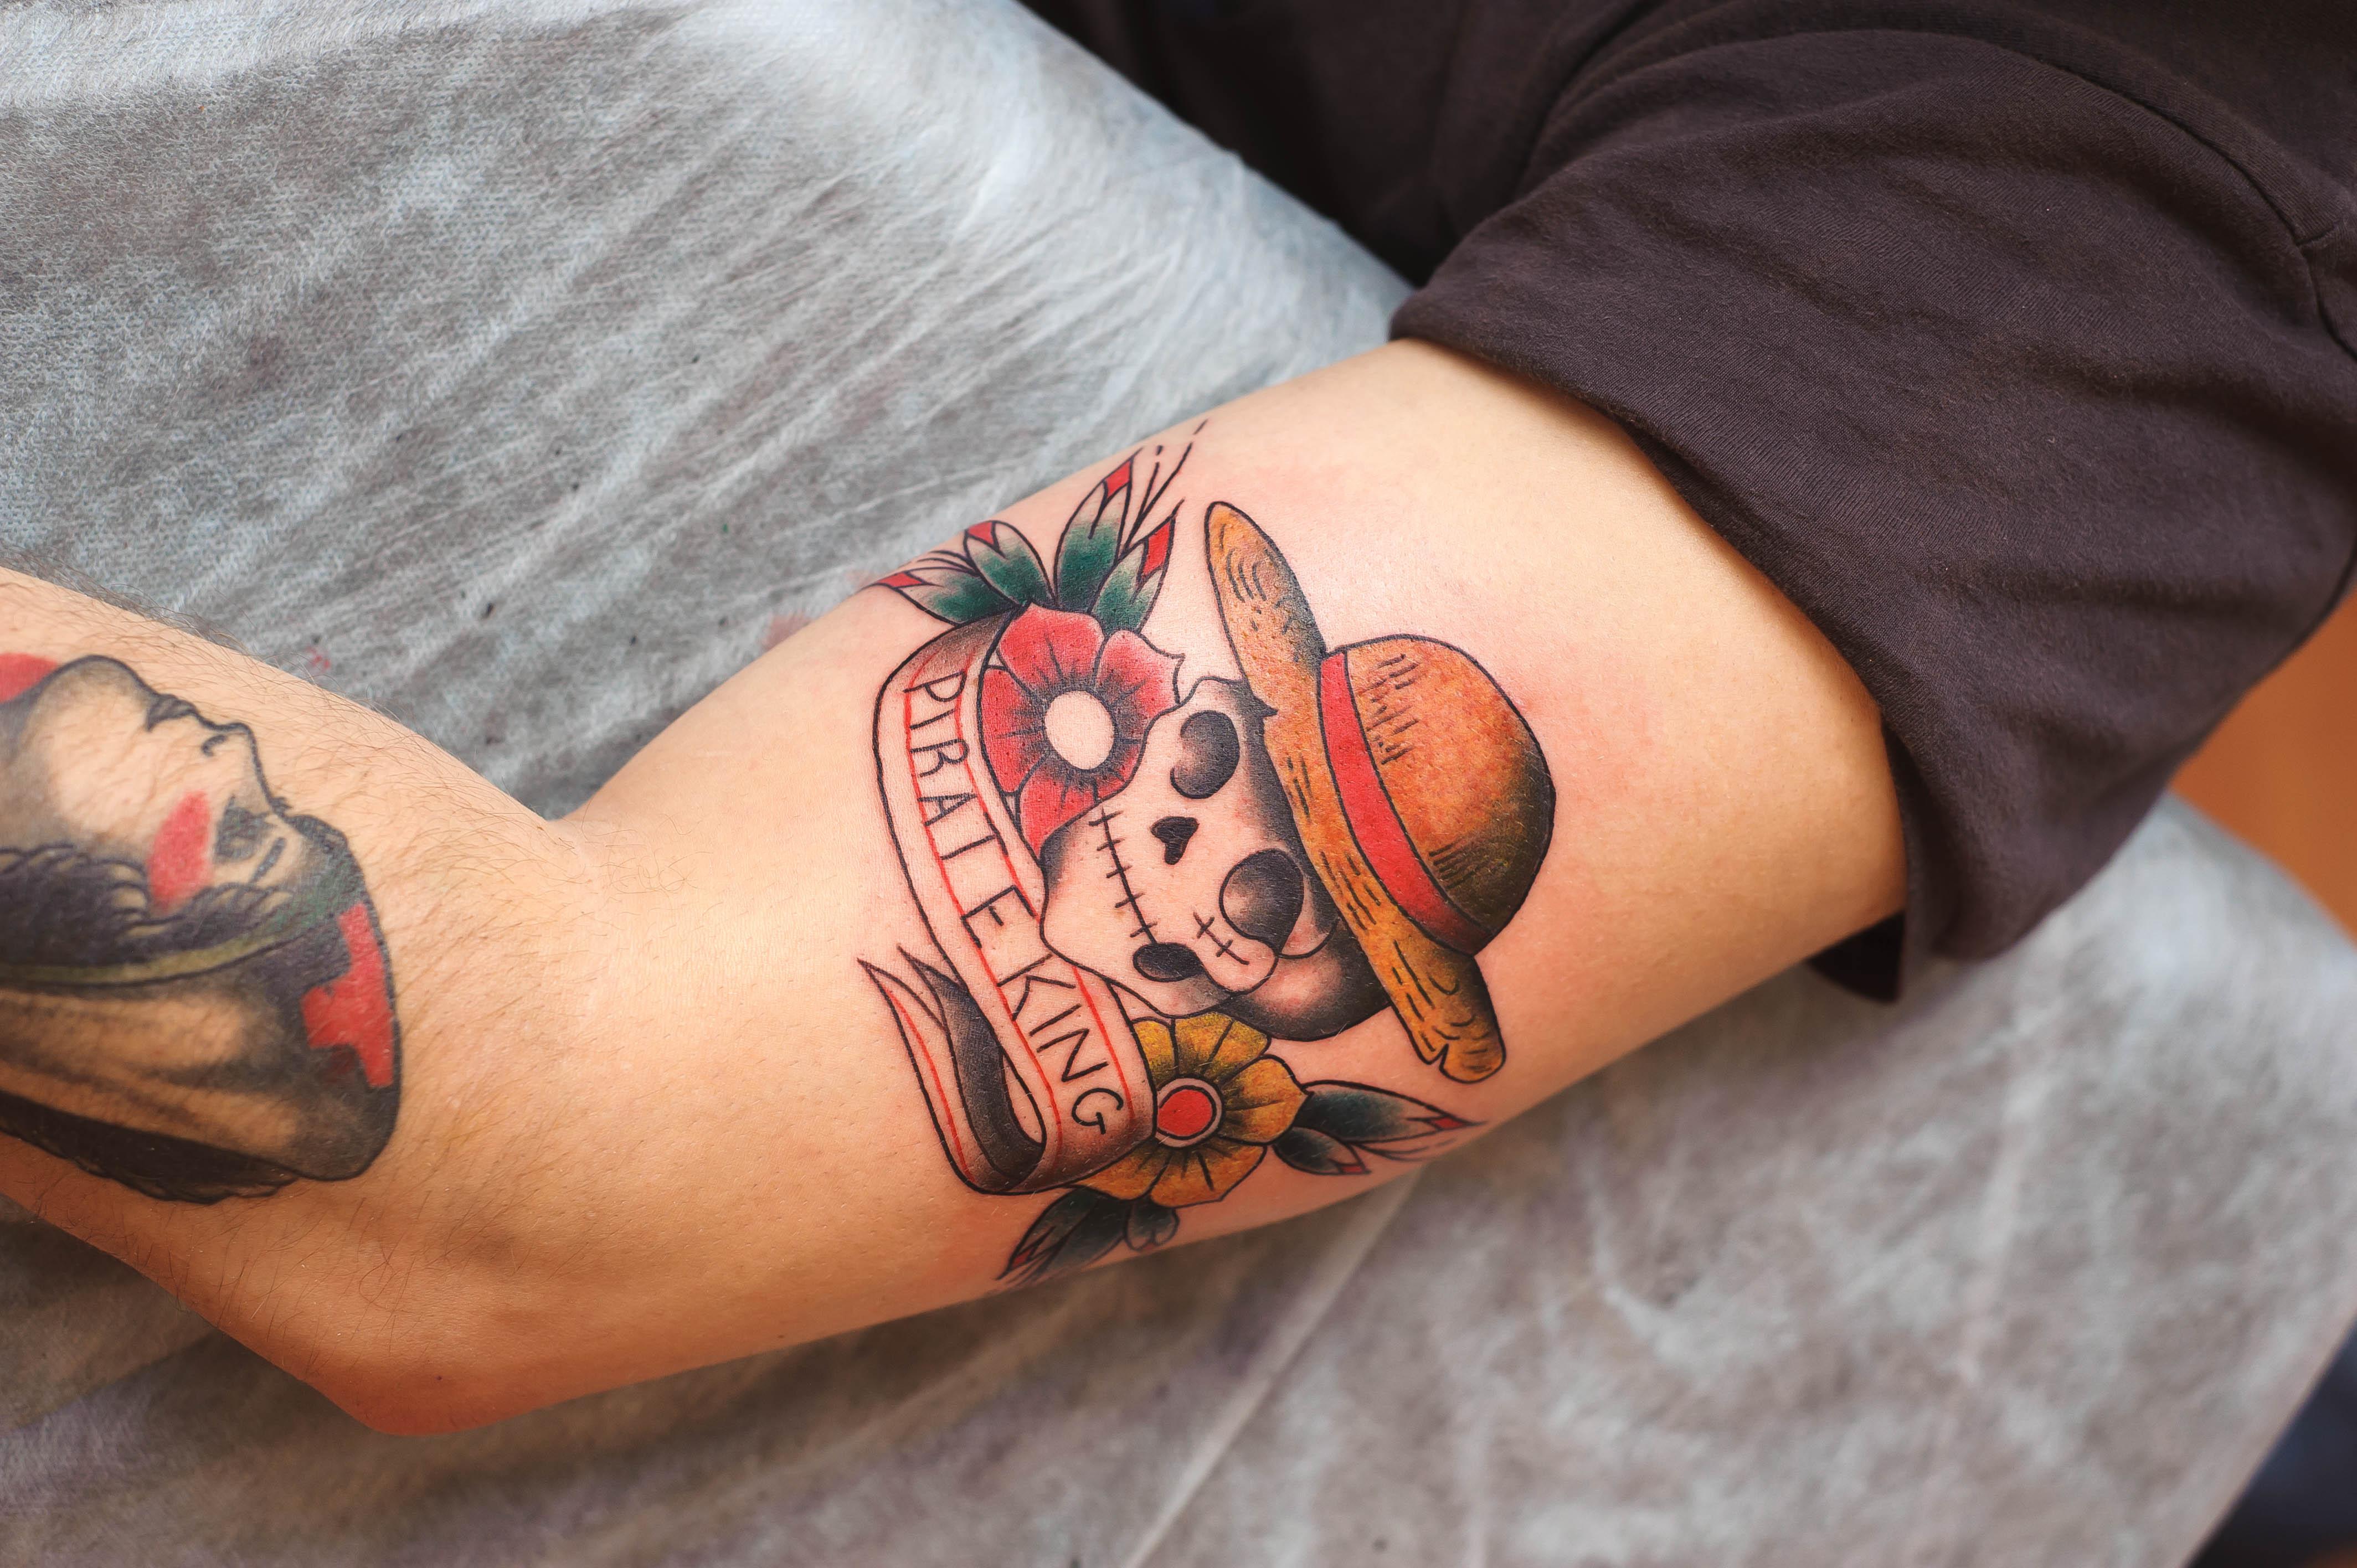 tattoo_1132435790